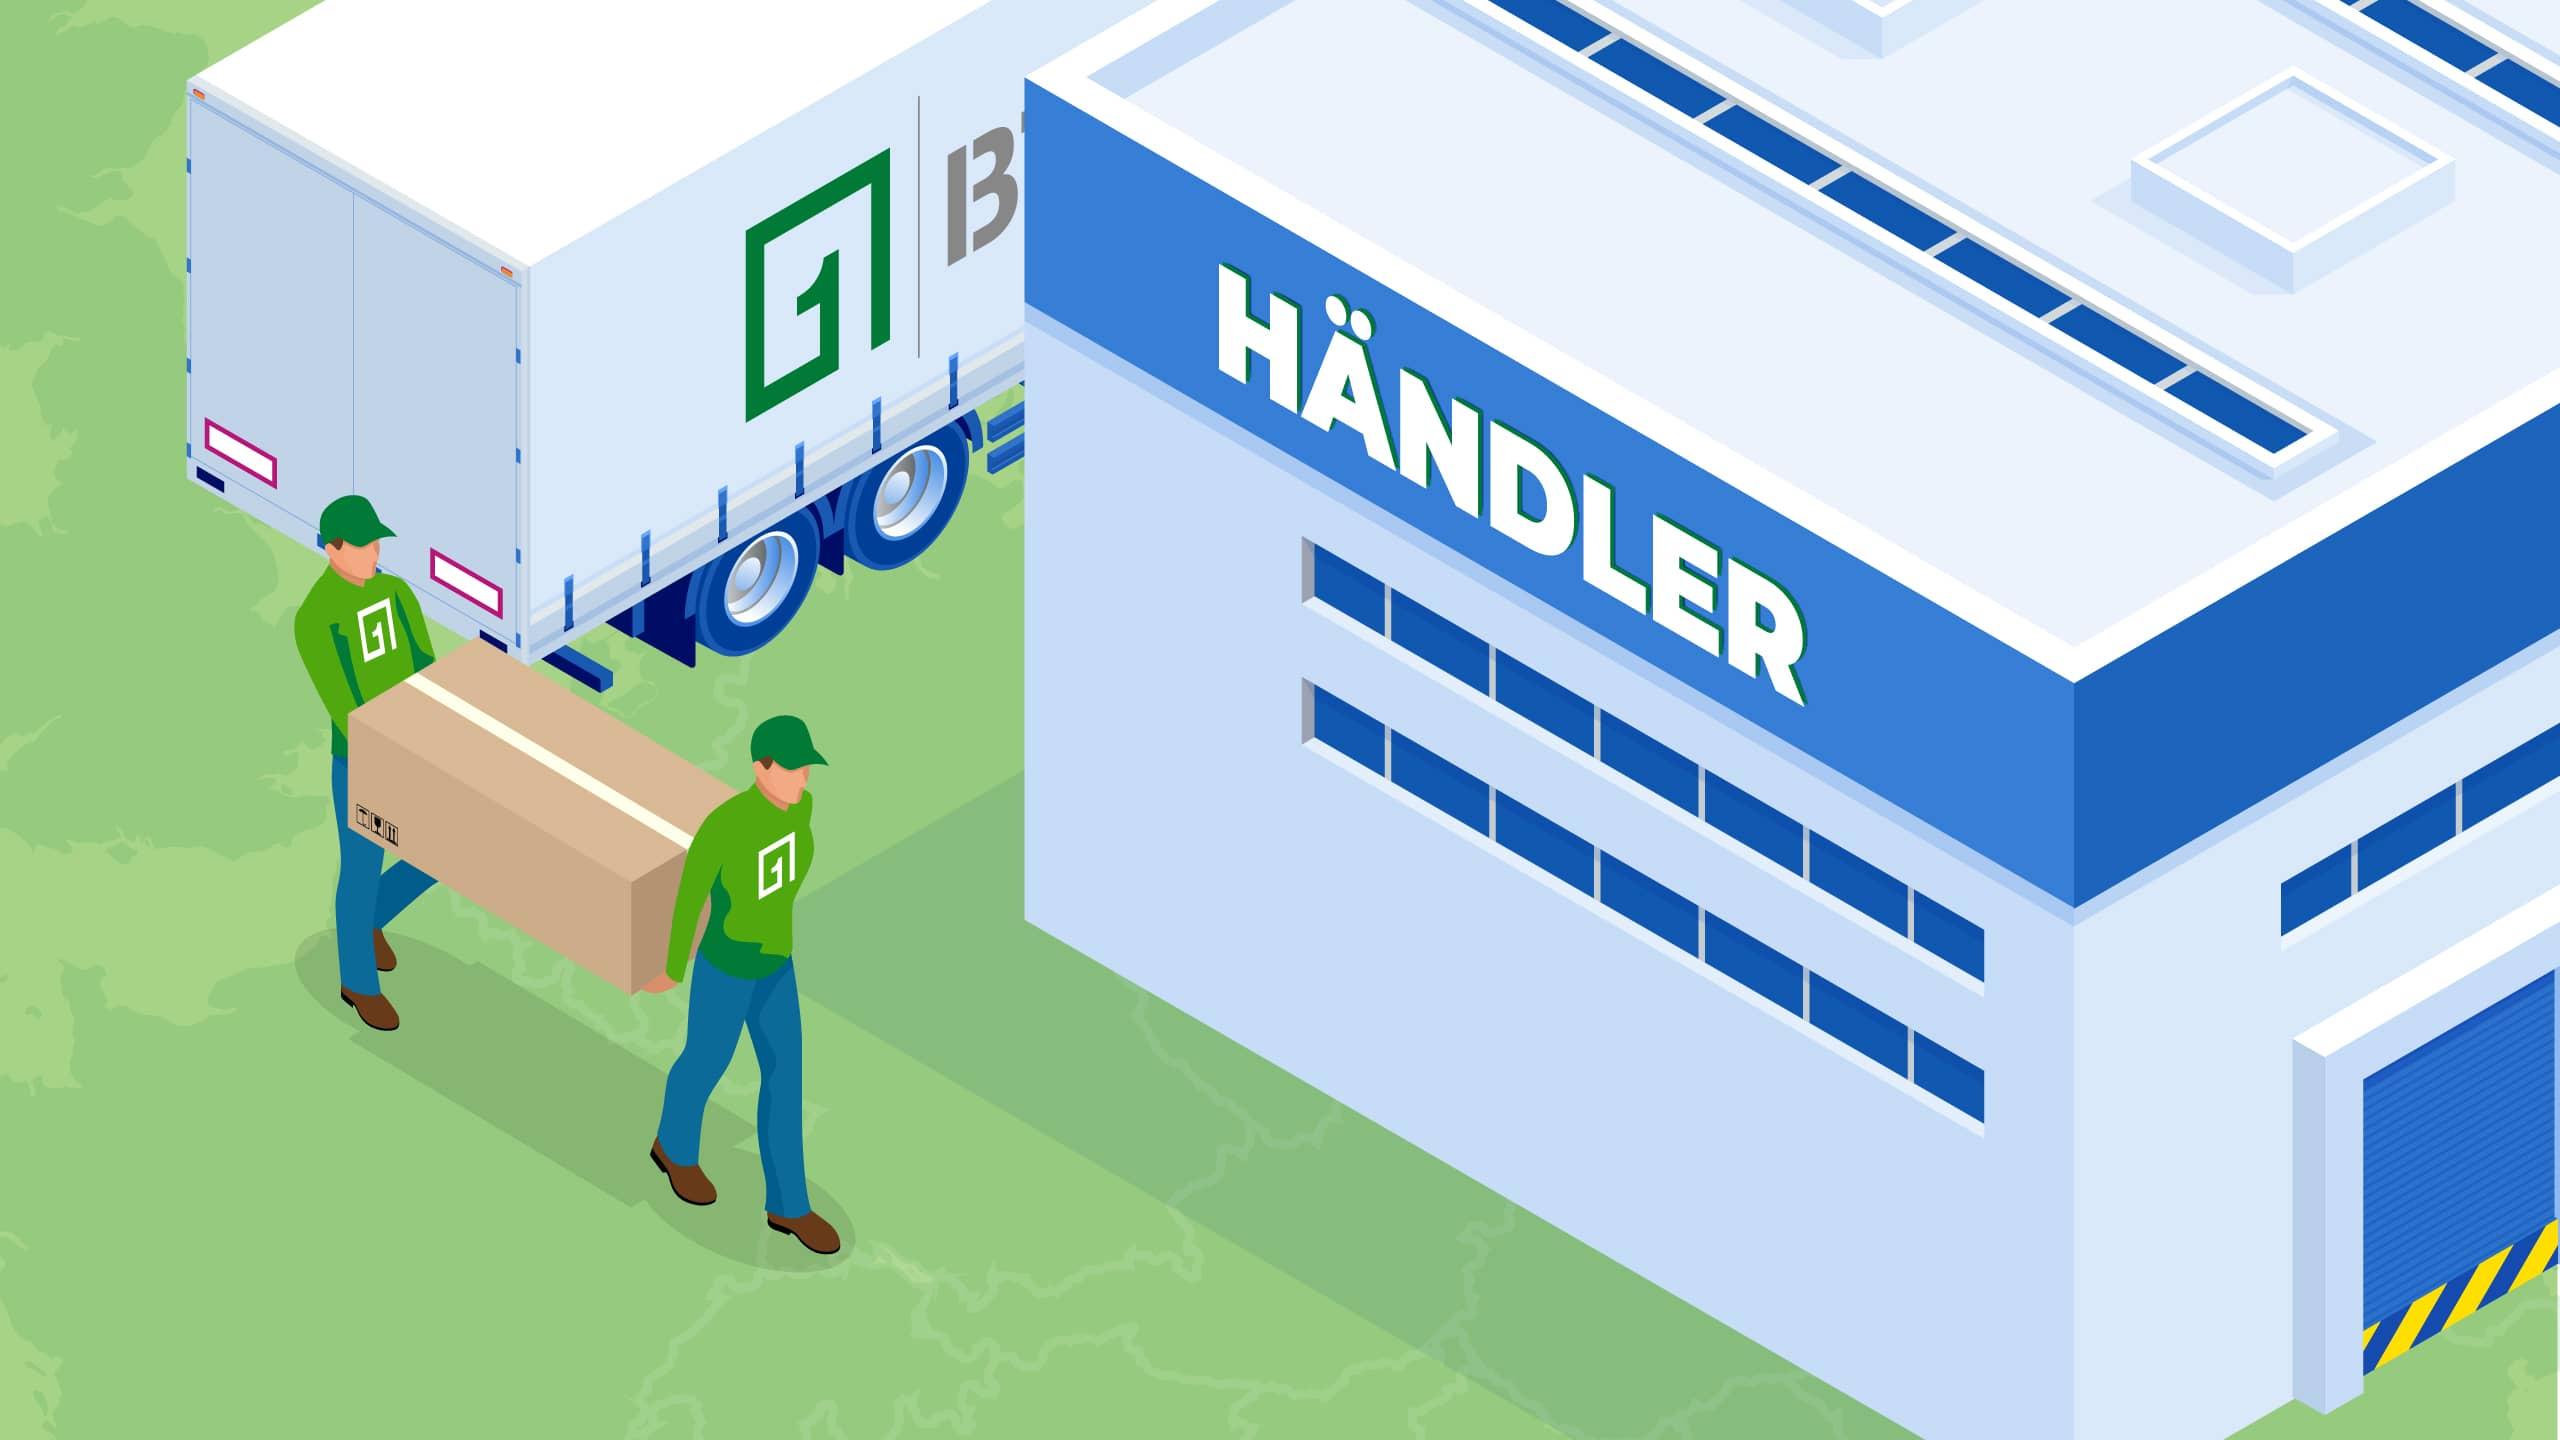 BTS Logistikunternehmen Küchenmöbel Logistik zum Händler